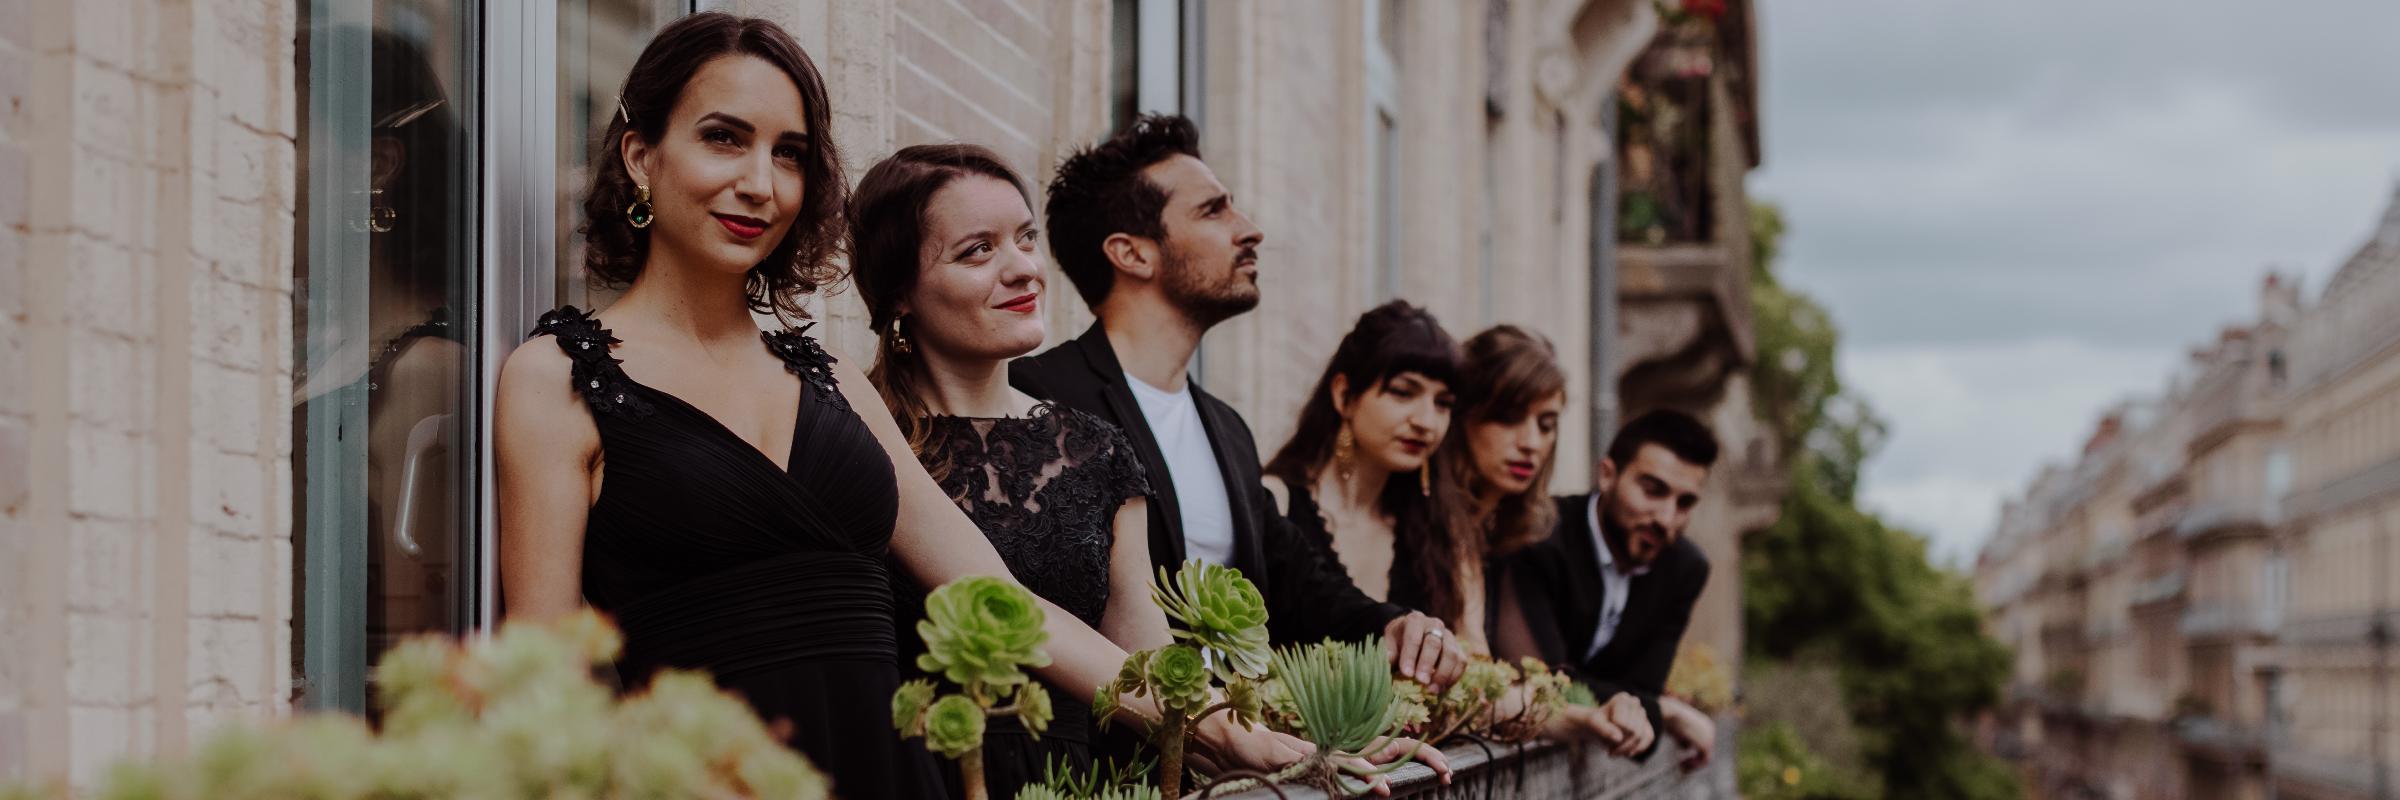 Madame Et Cætera, groupe de musique Chanteur en représentation à Haute Garonne - photo de couverture n° 2